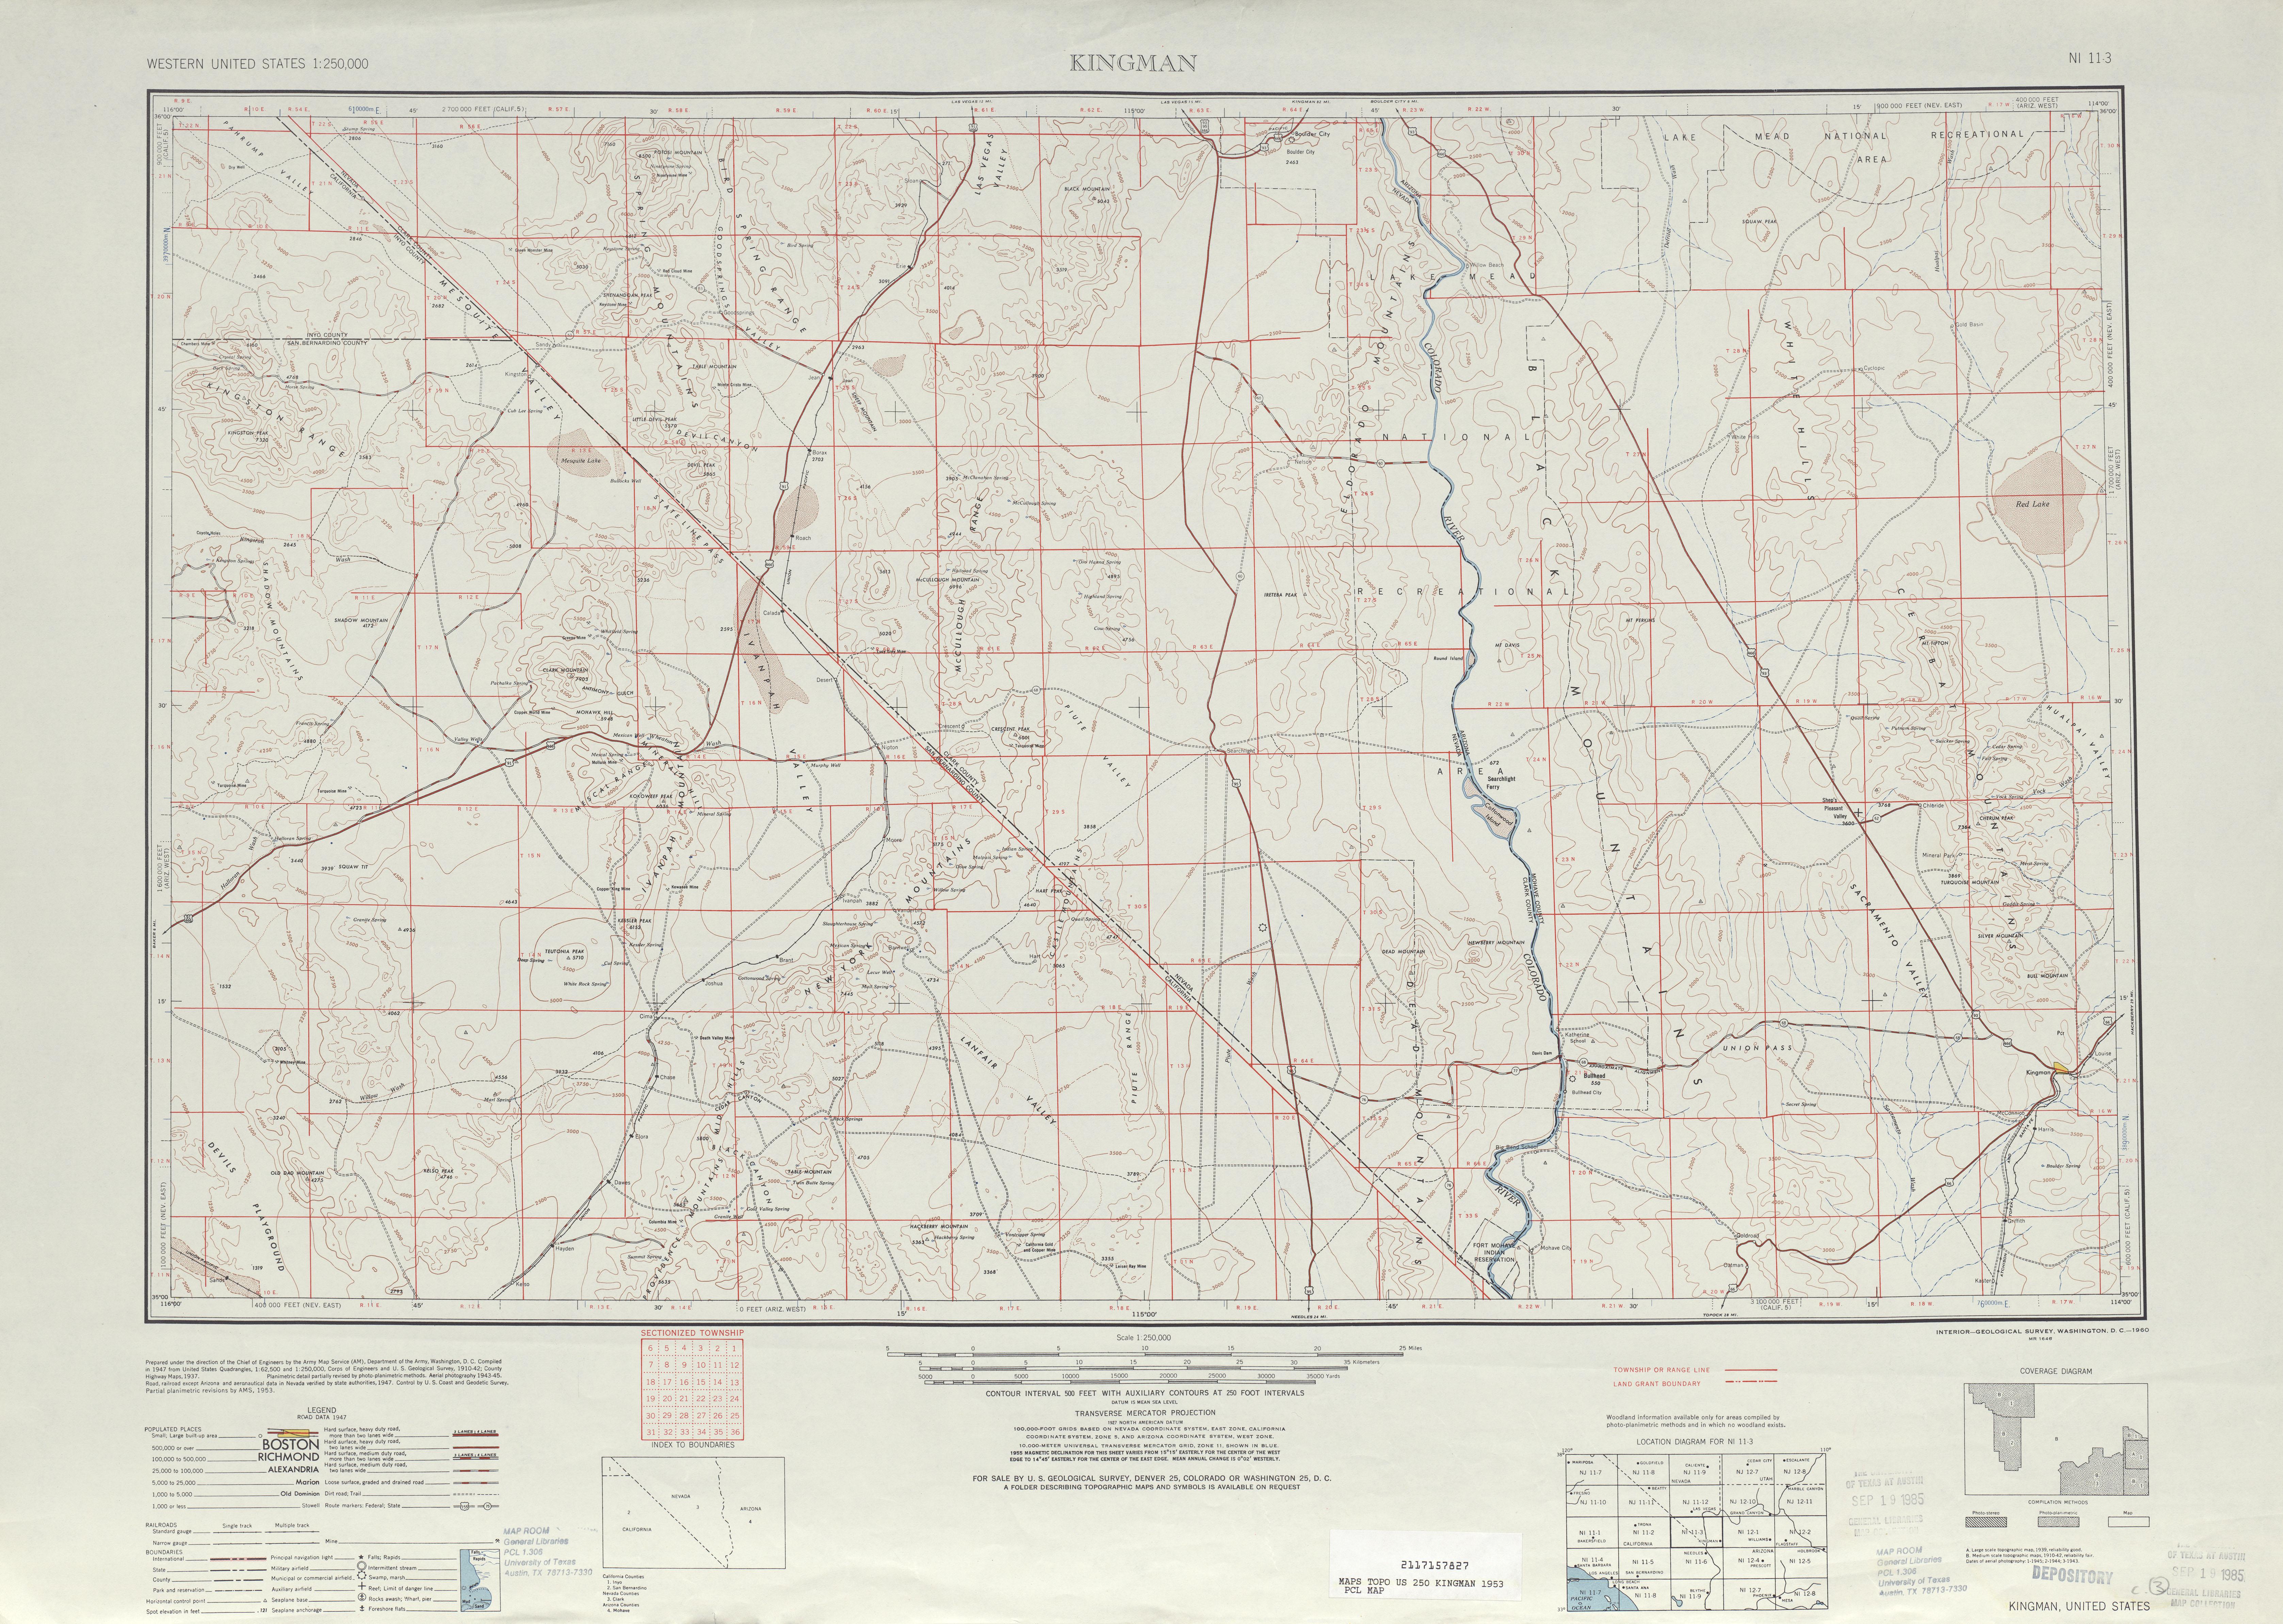 Hoja Kingman del Mapa Topográfico de los Estados Unidos 1953